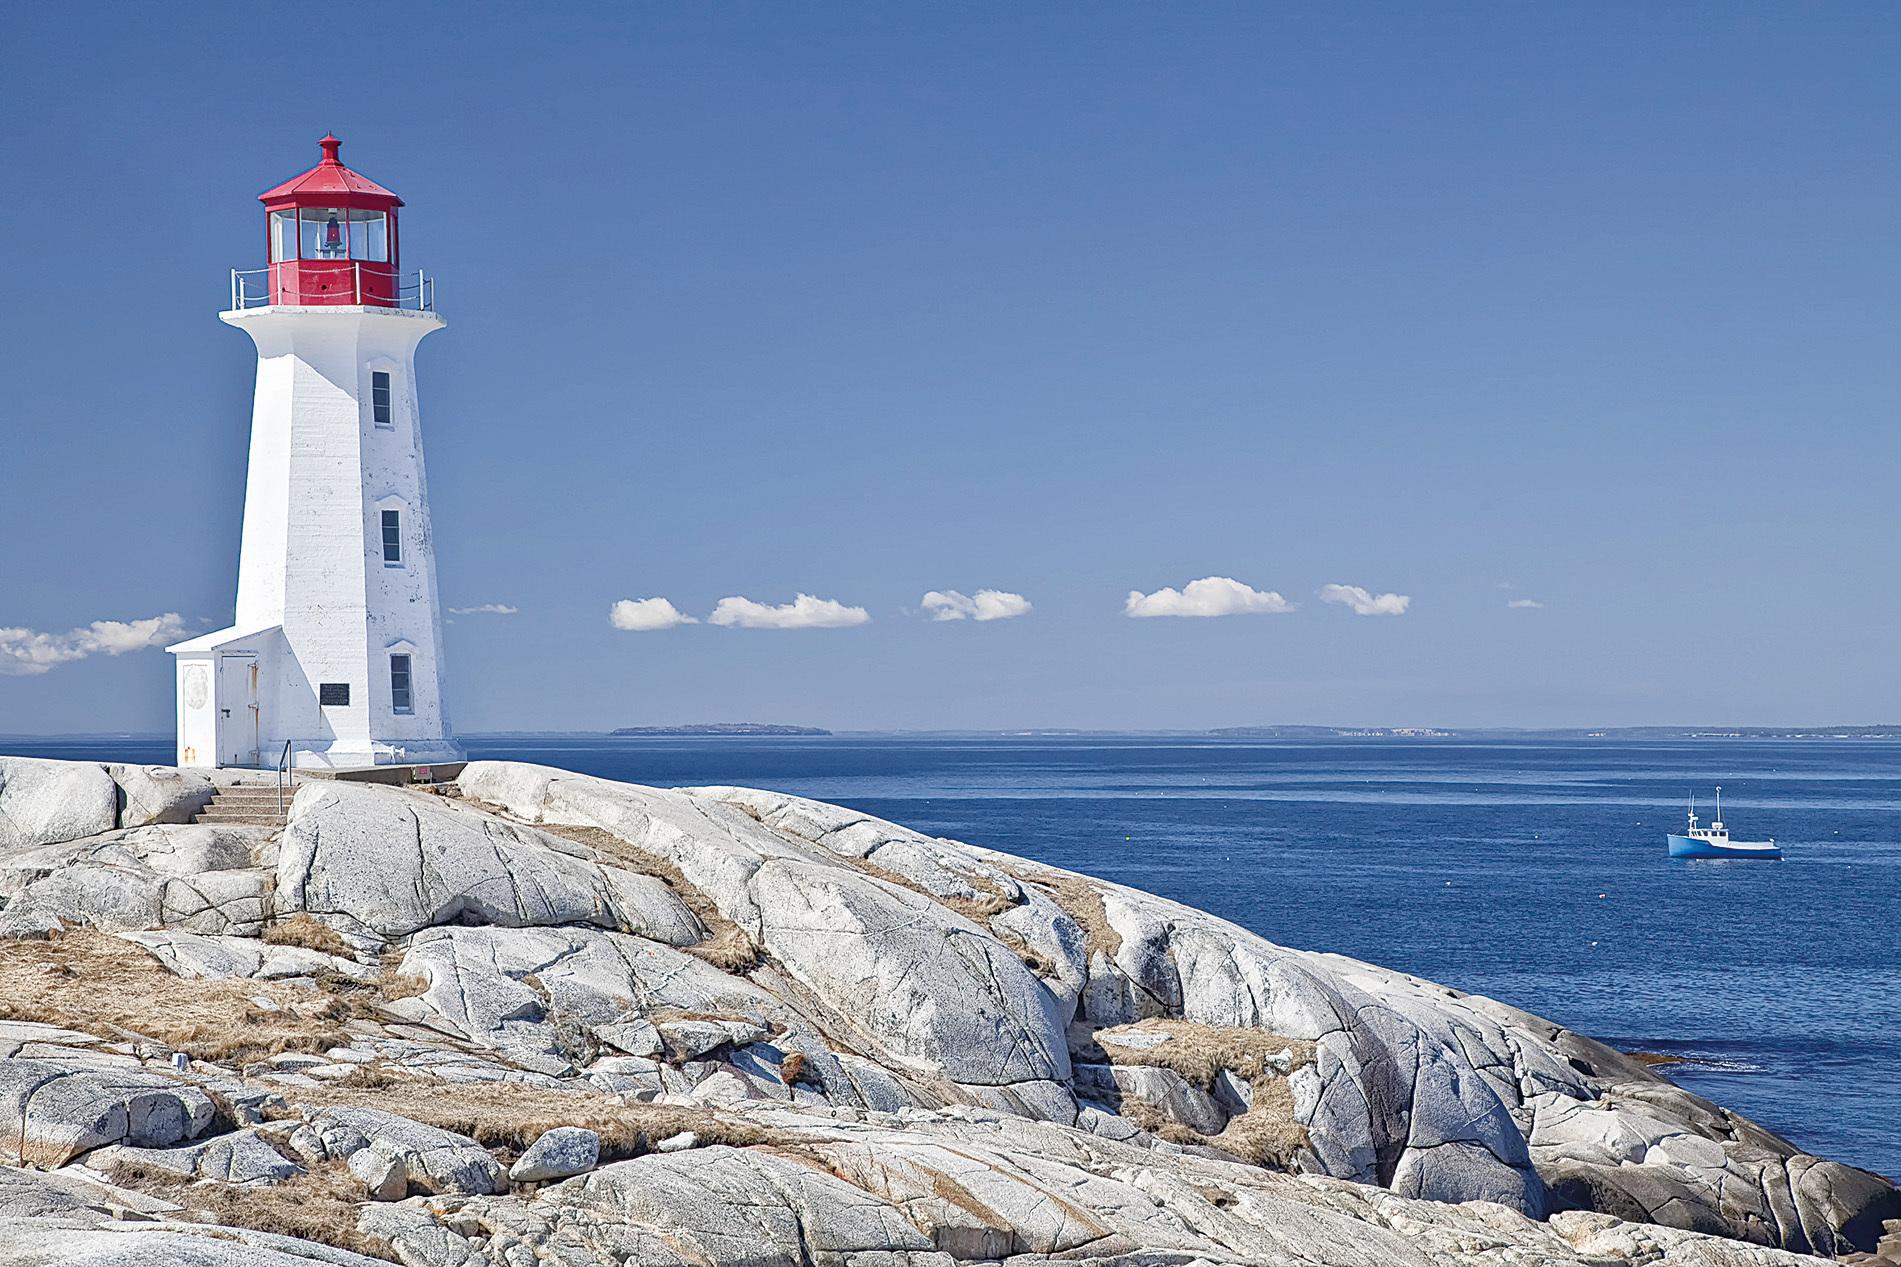 加拿大150周年之大西洋省篇 碧海藍天白燈塔